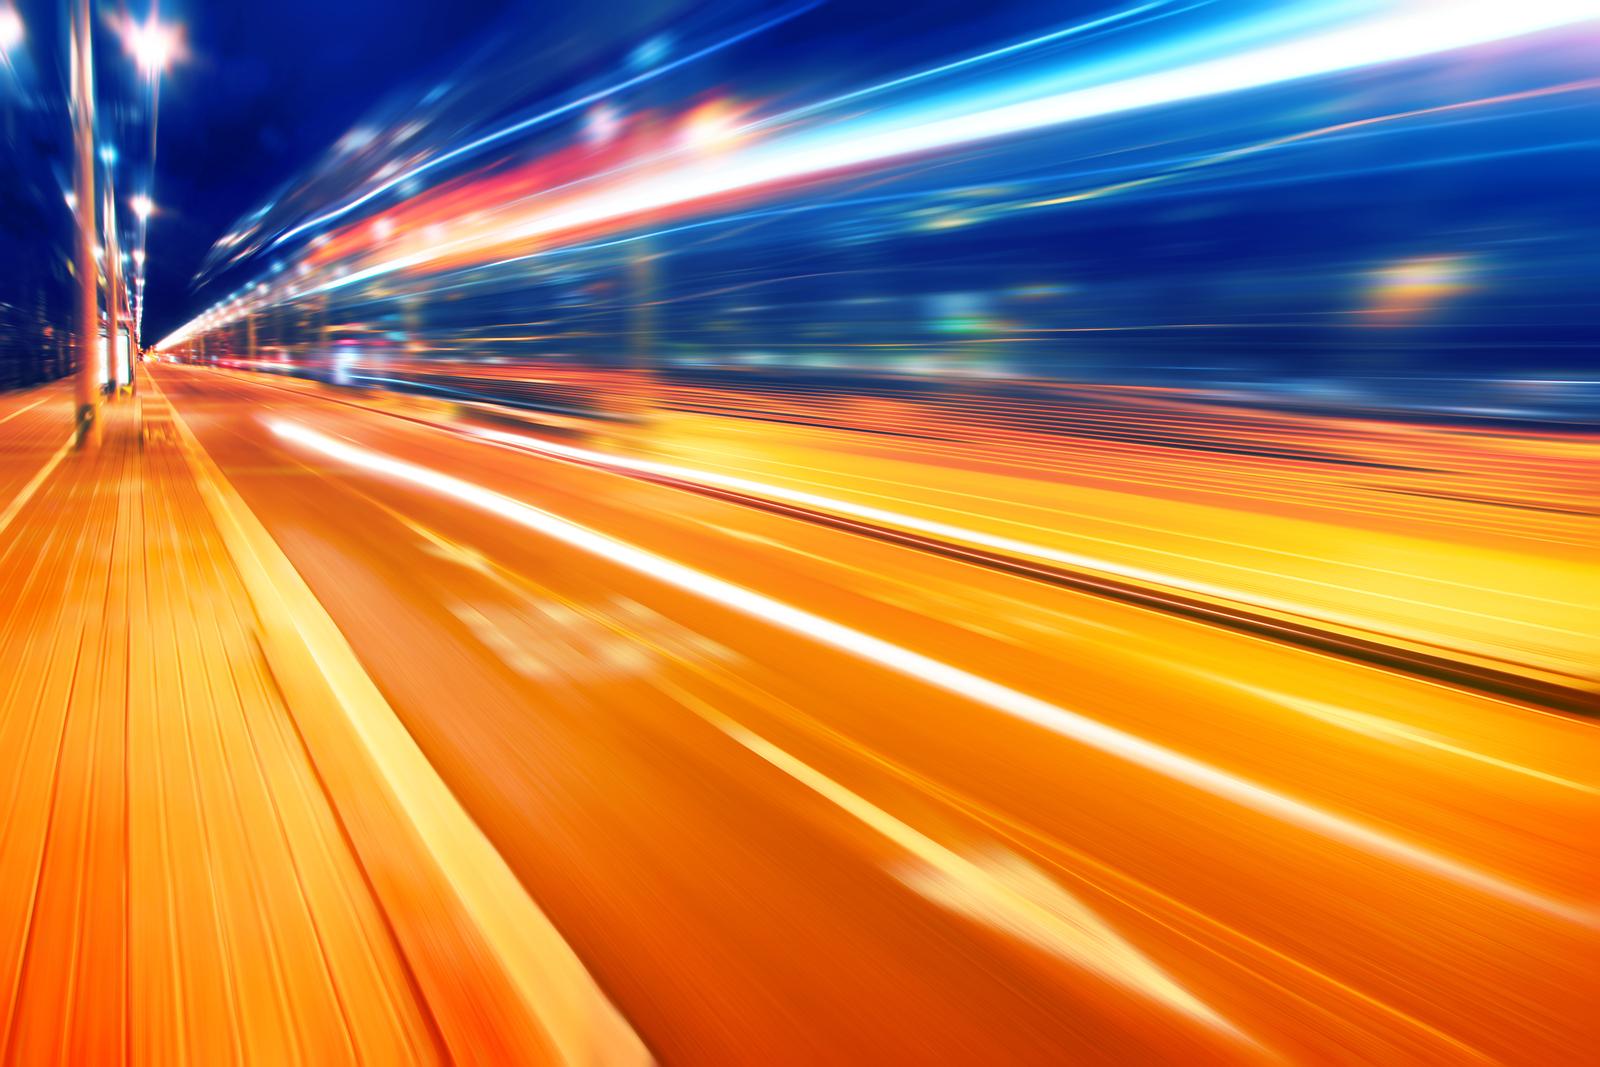 2021车企的增长机遇在哪里?这里有一份寻找新车主的方案